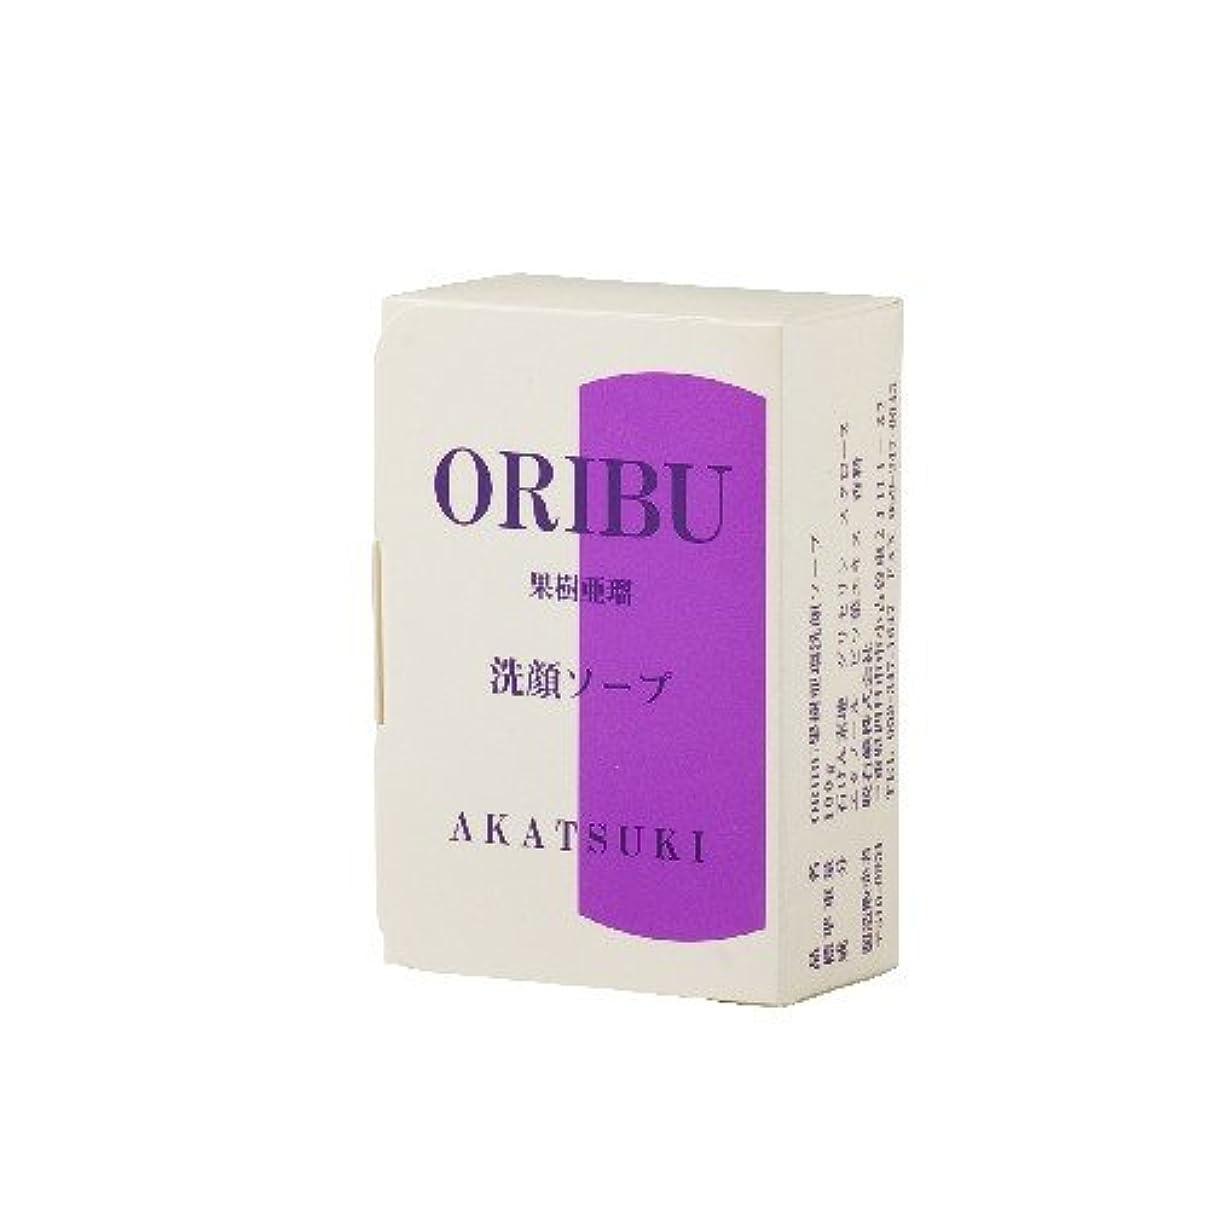 予測電子レンジ胃ORIBU果樹亜瑠 洗顔ソープ 100g